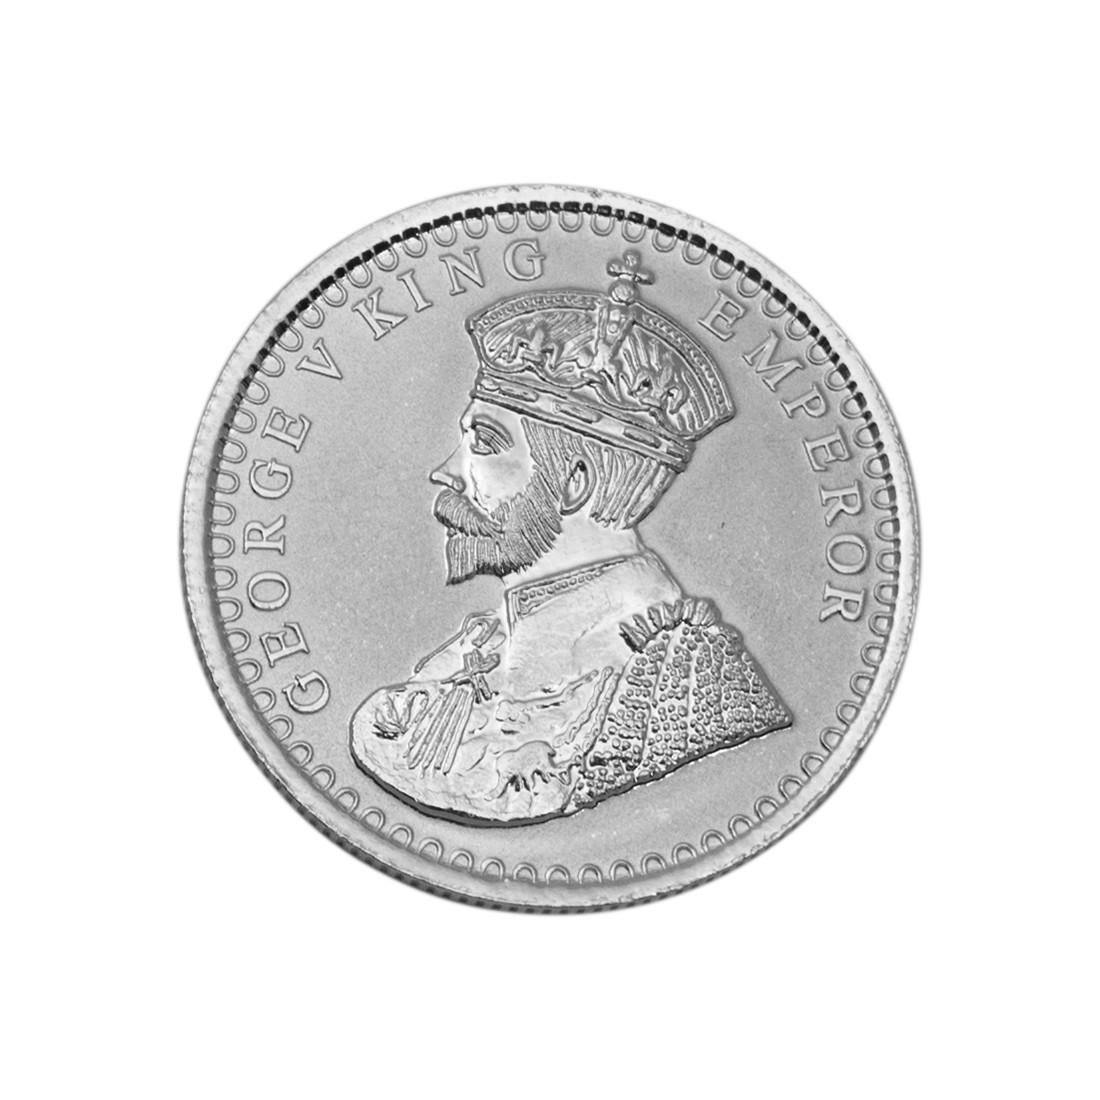 Buy George V King Emperor Silver Coin 20 Gram In 999